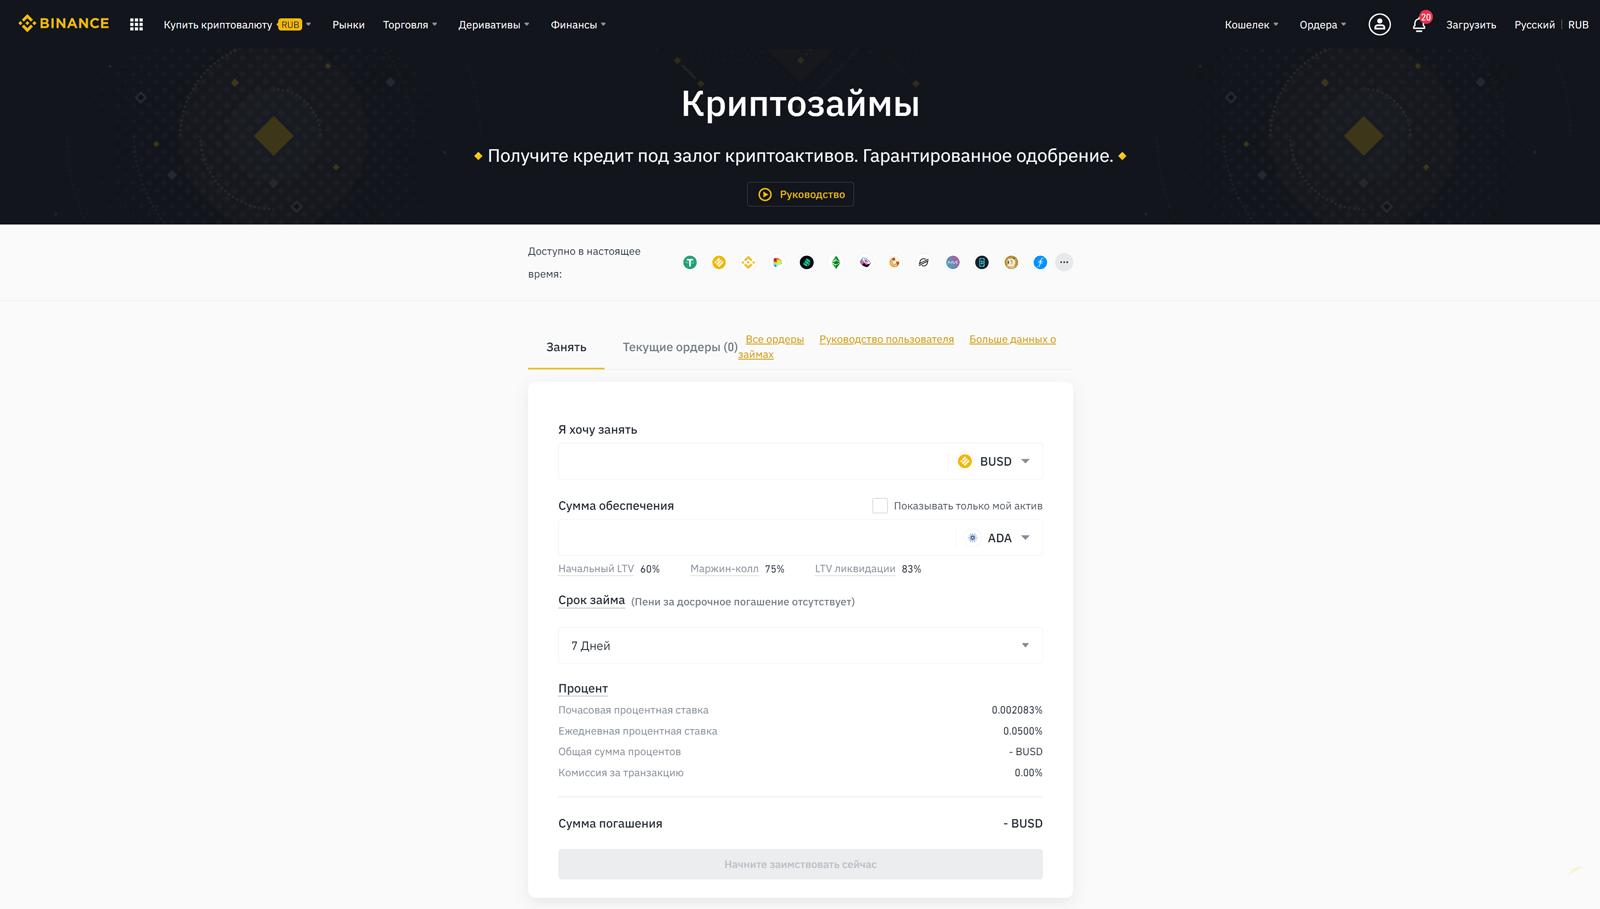 """Интерфейс раздела """"Криптозаймы"""""""